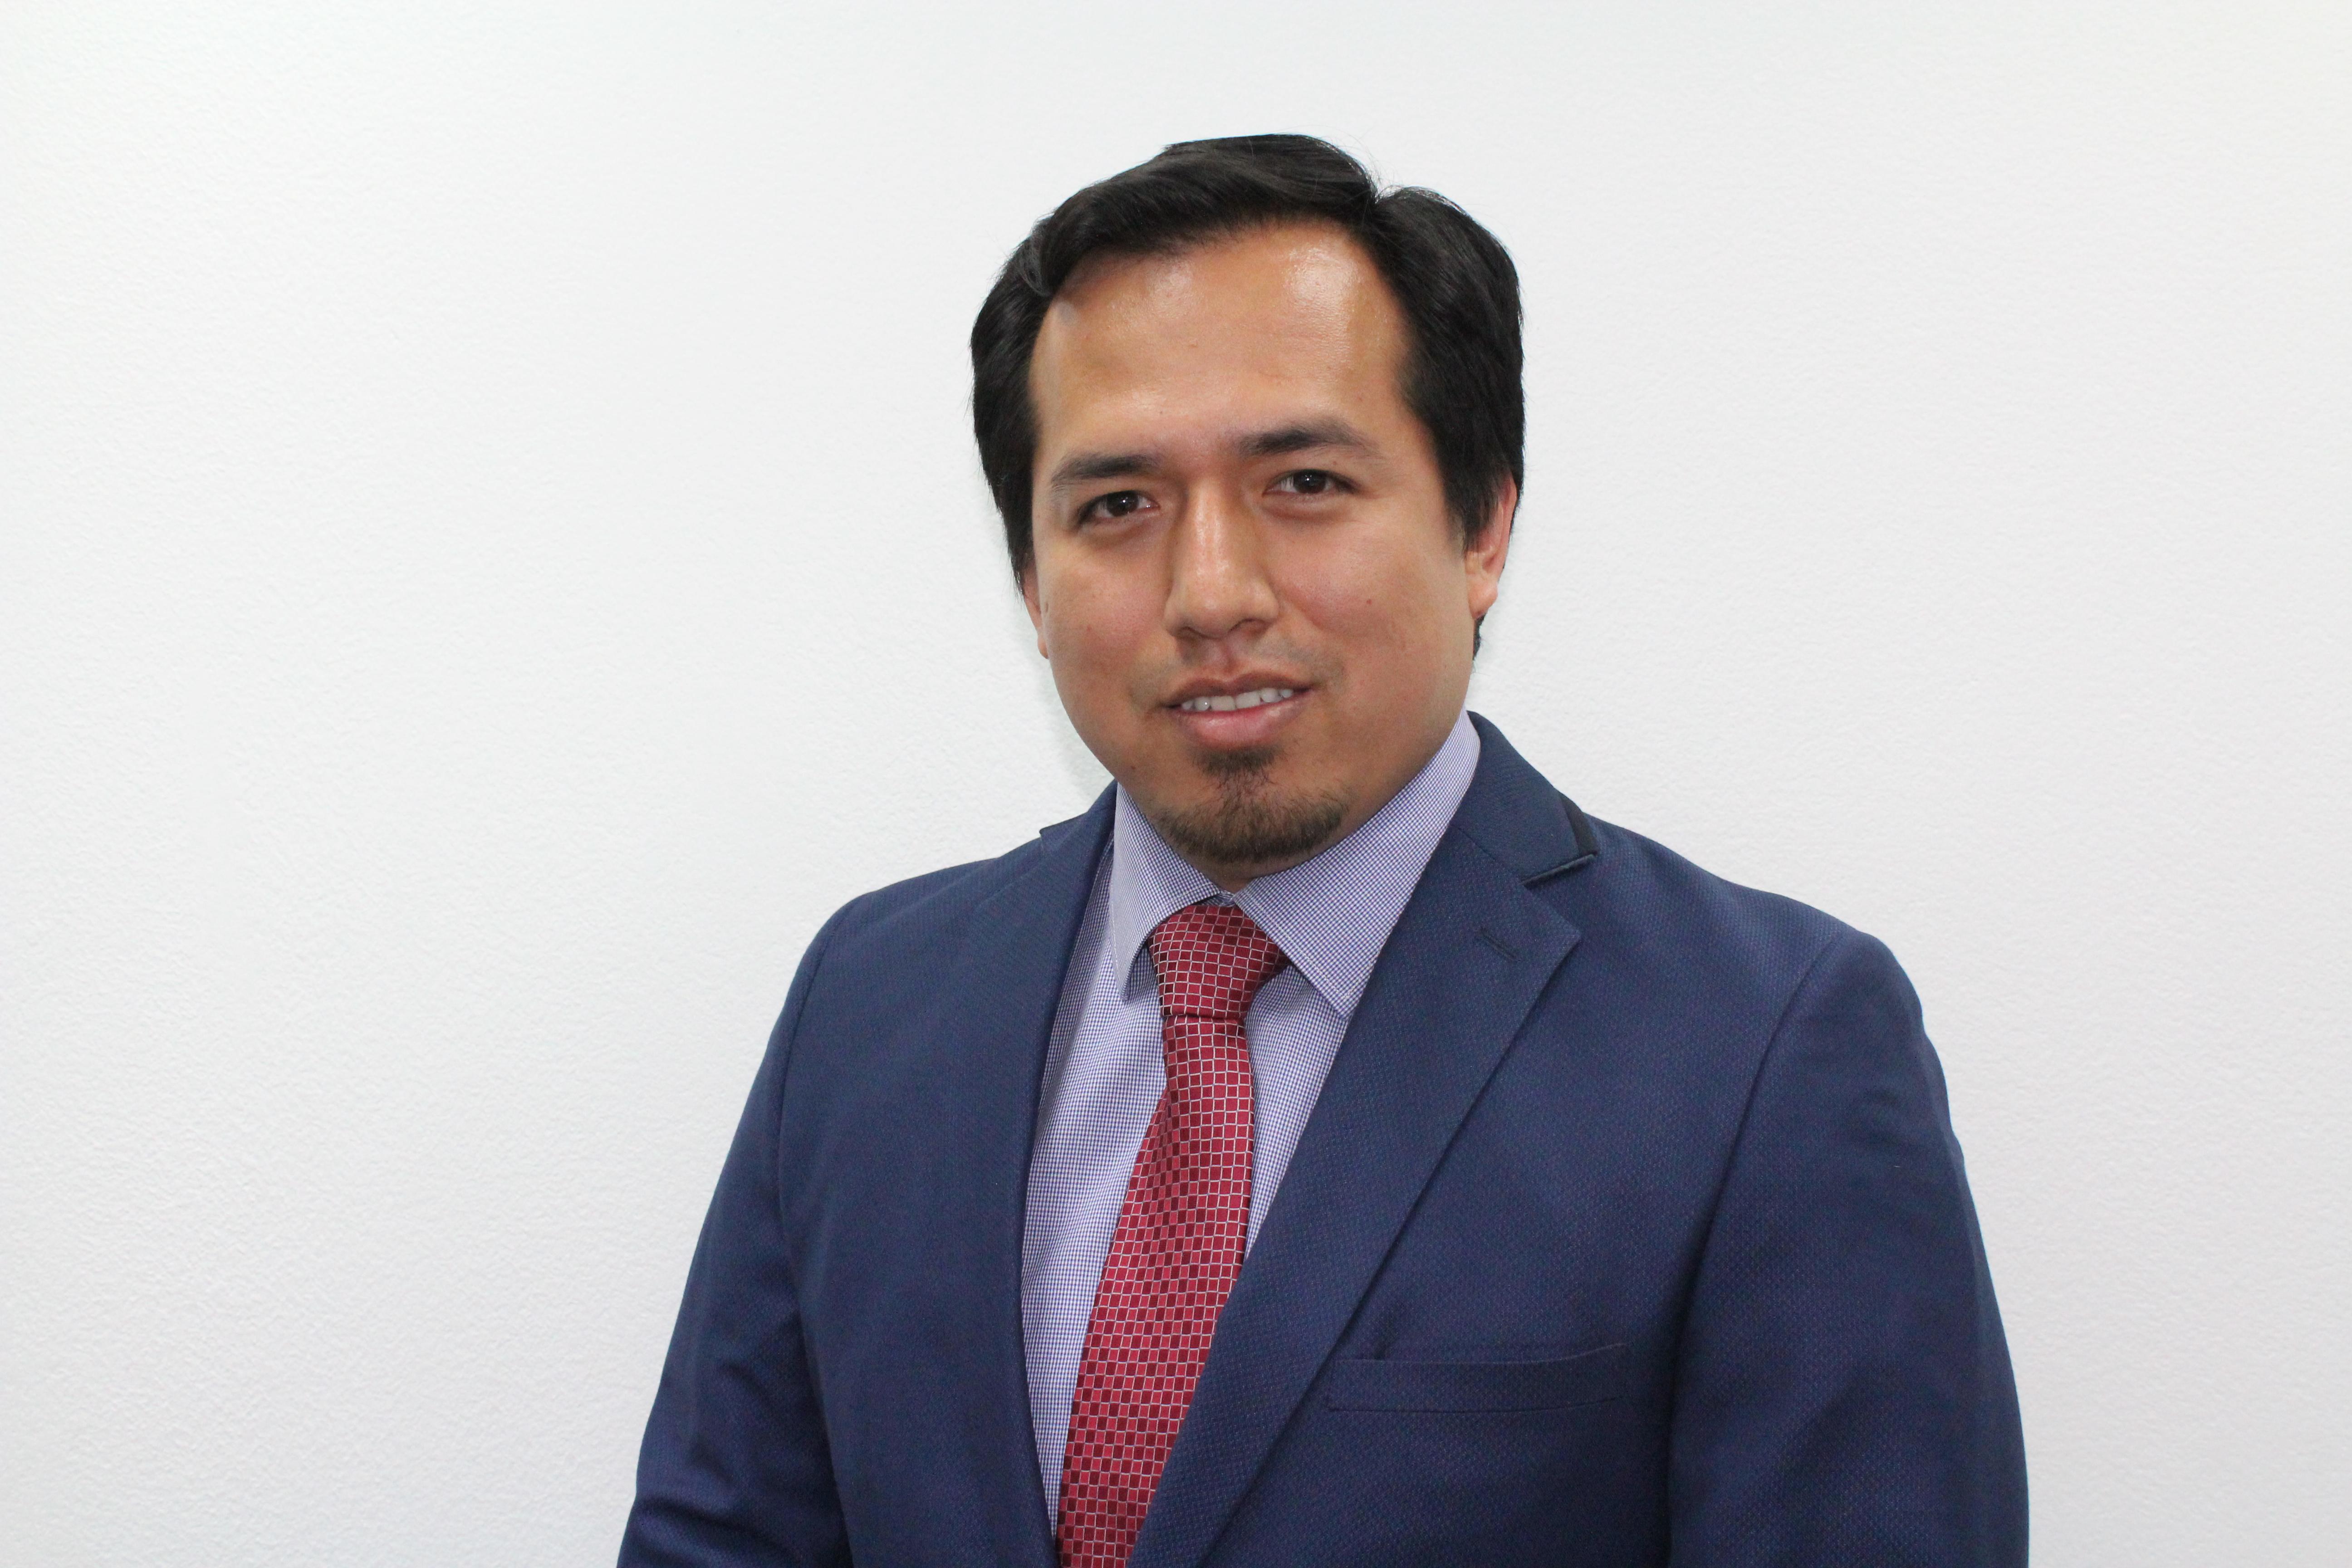 Lionel Carrillo